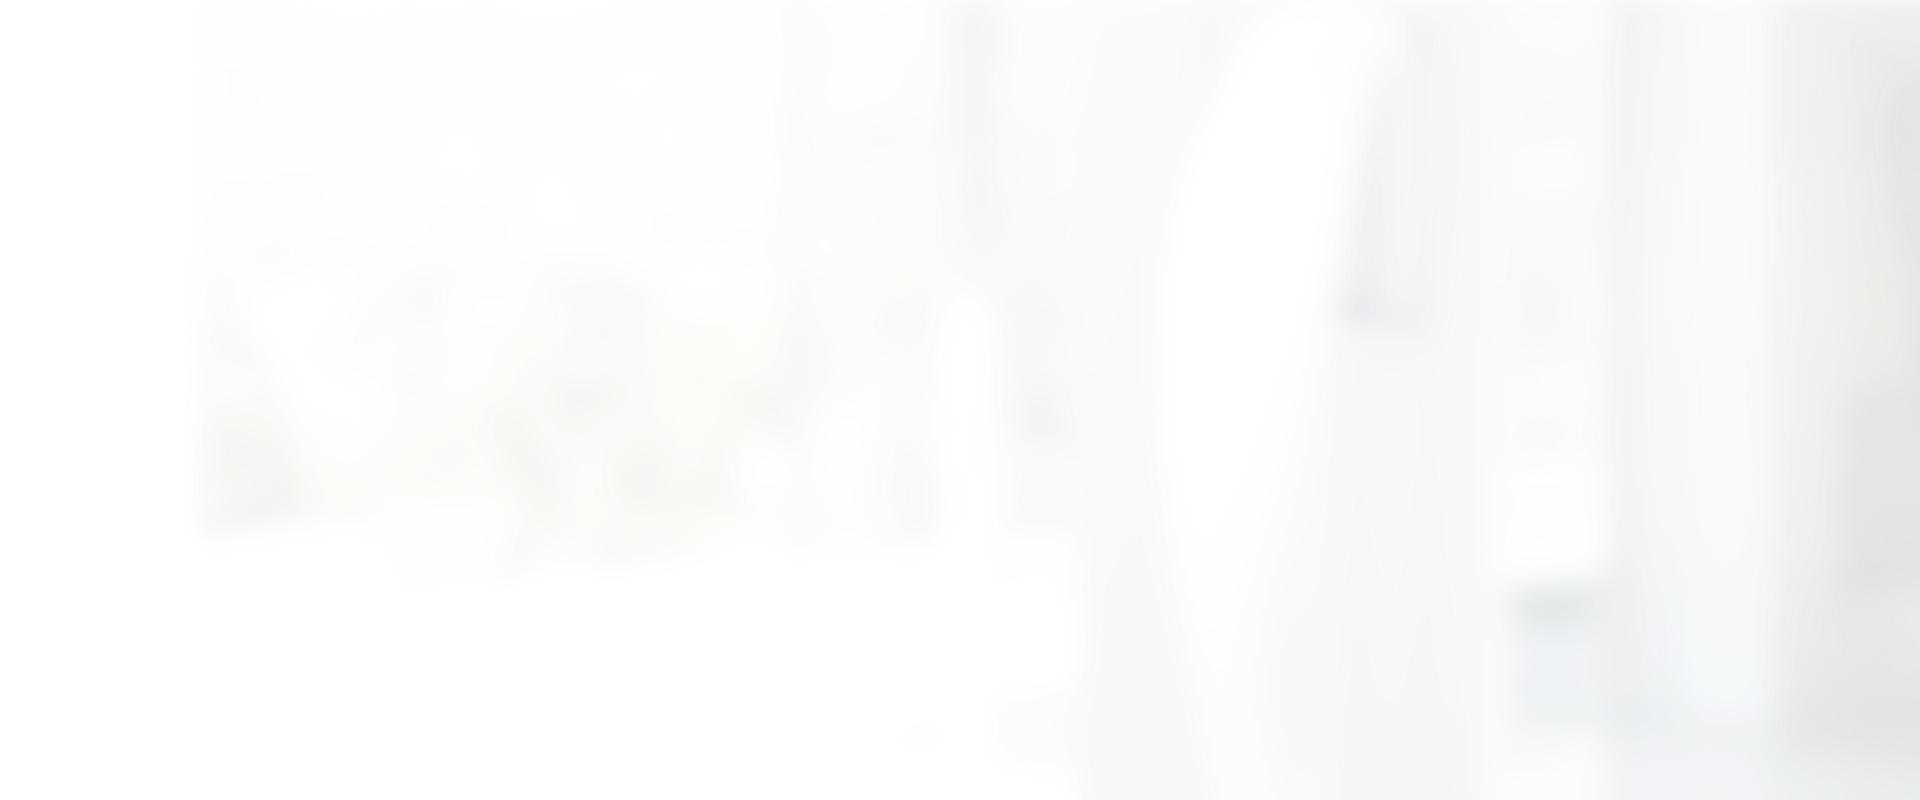 Картинка фоновая для текста окно на дачу Ижевск